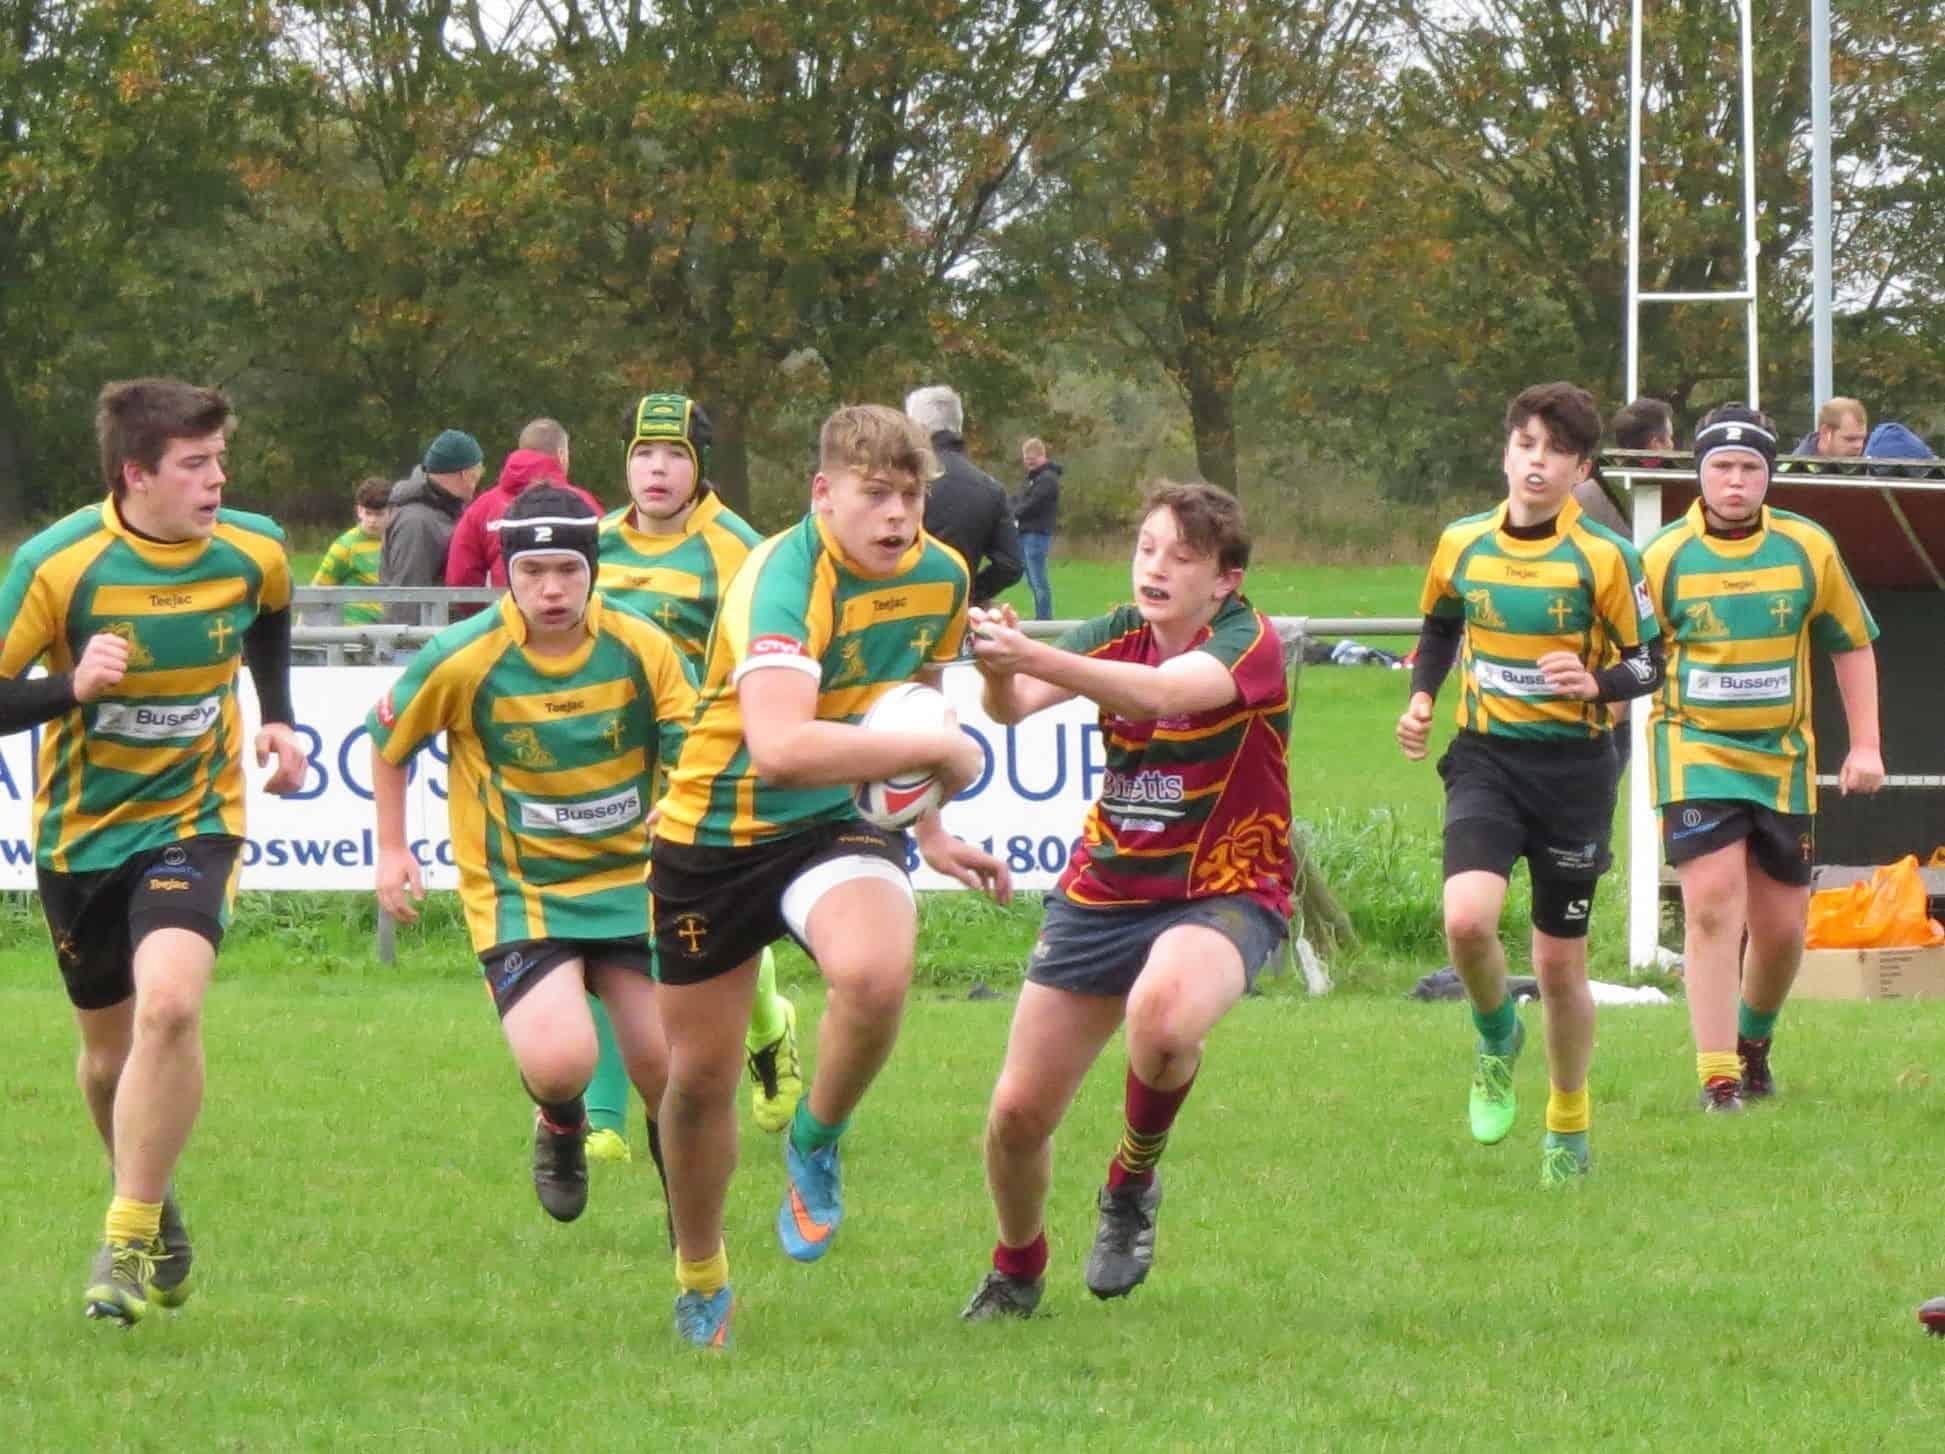 crusaders_rugby_club_imag